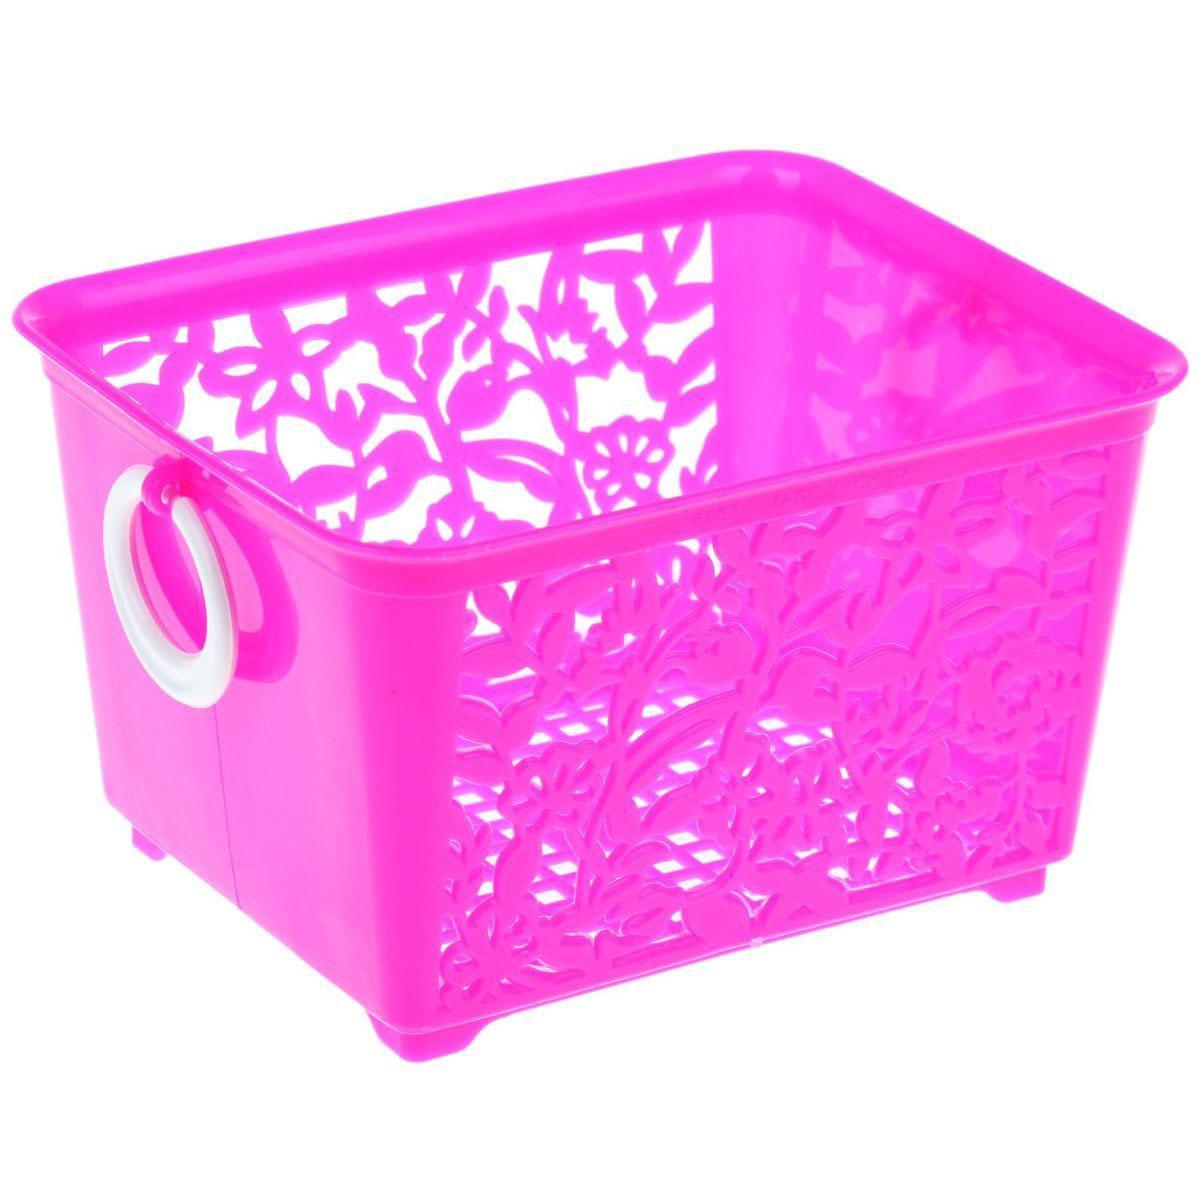 Корзина для мелочей Sima-land, цвет: малиновый, 14 х 11,5 х 8,5 см184975Корзина Sima-land, изготовленная из пластика, предназначена для хранения мелочей в ванной, на кухне или гараже. Позволяет хранить мелкие вещи, исключая возможность их потери. Корзина с двух сторон декорирована резным узором в виде цветов и дополнена решетчатым дном. Имеет две удобные ручки.Размер корзинки: 14 х 11,5 х 8 см.